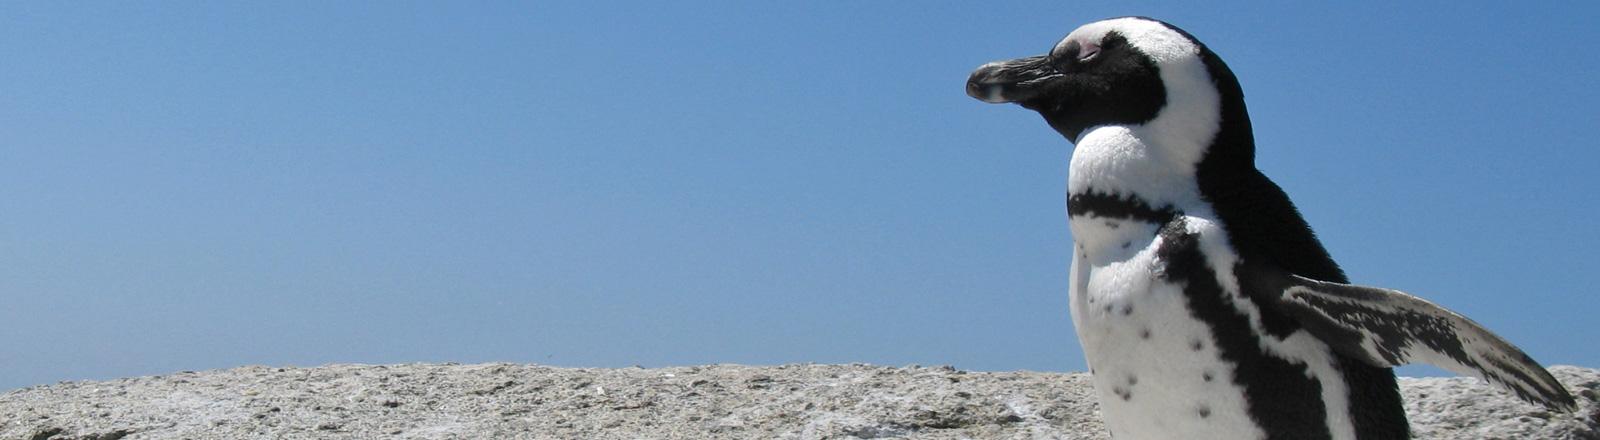 Ein Pinguin steht rechts im Bild vor blauem Himmel. Er hebt die Flossen etwas in die Luft.